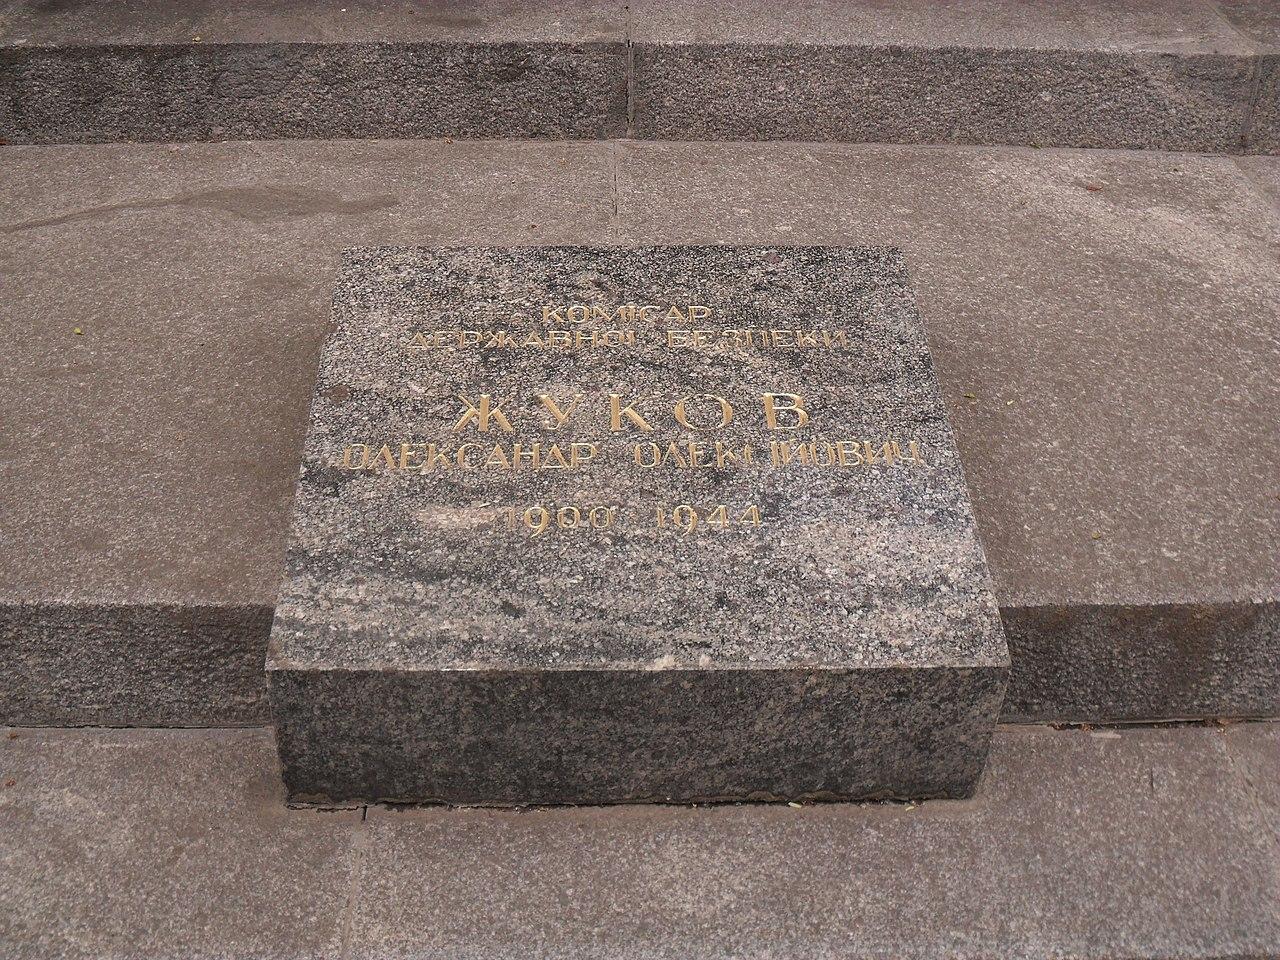 Неизвестные заливают Вечный огонь в Киеве цементом - Цензор.НЕТ 9781